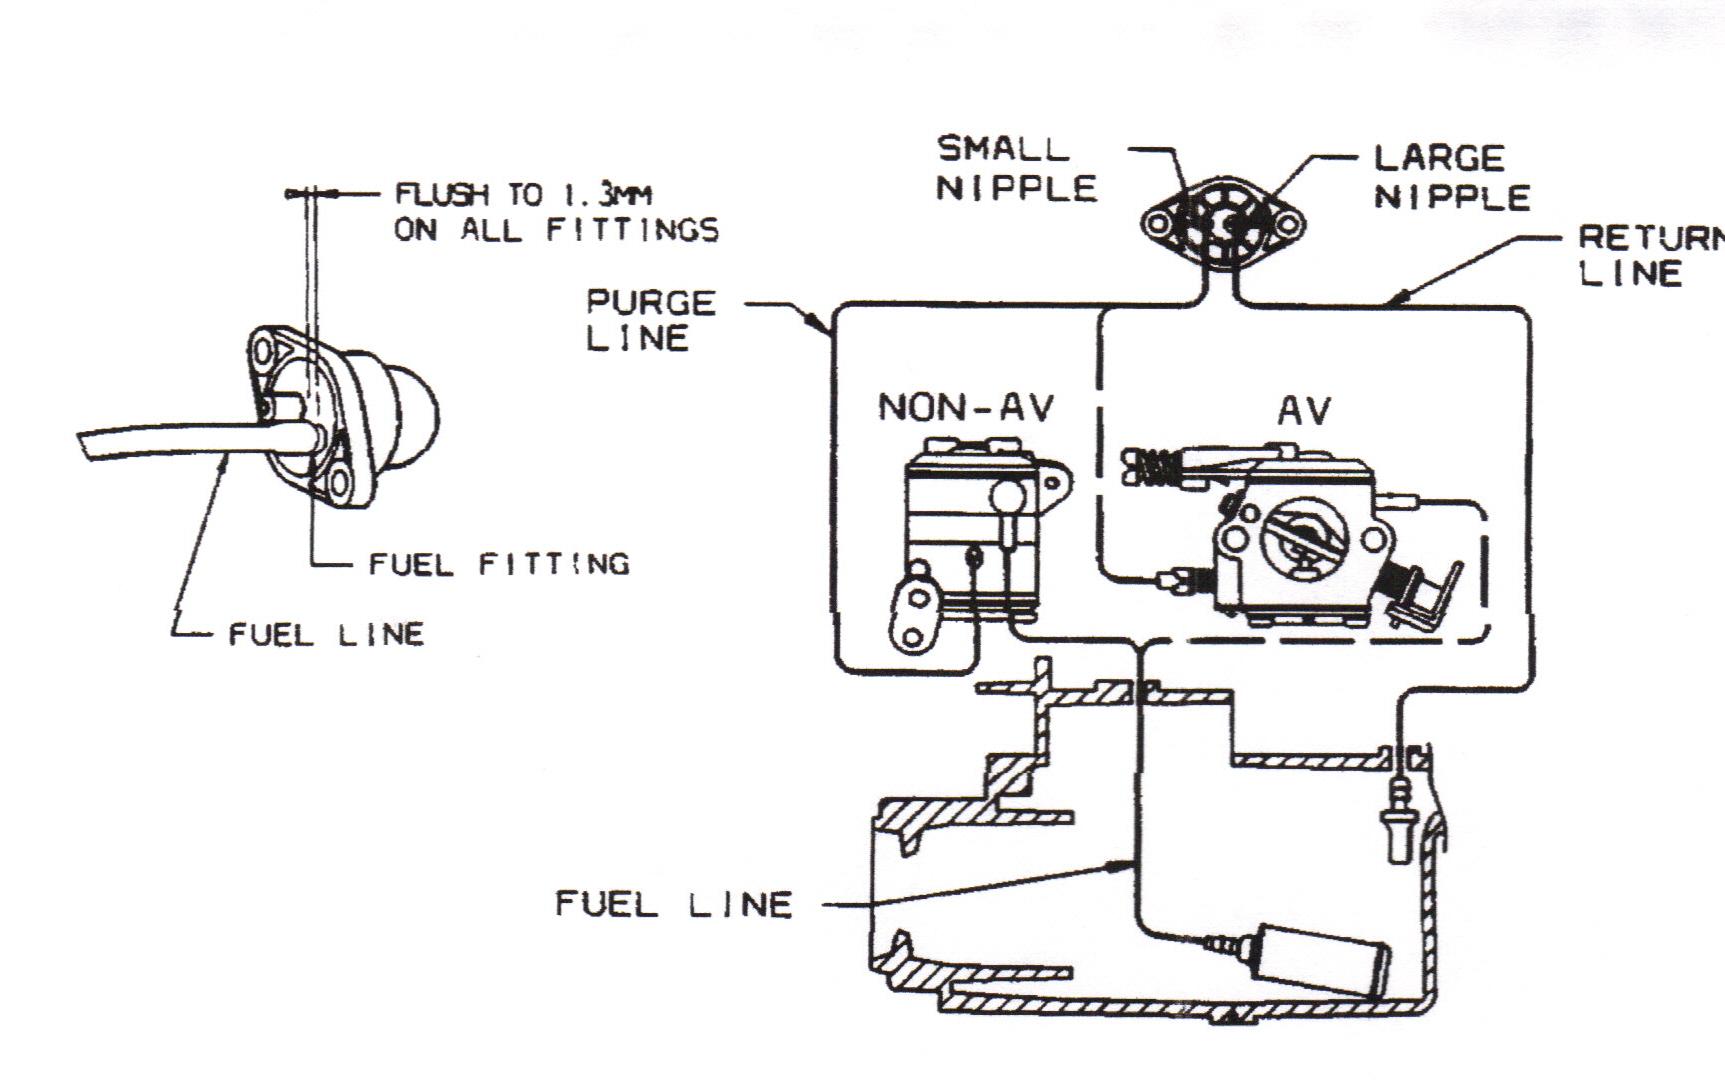 7bc7c9f9-393f-4d55-a38c-cd953b844099_fuel primer.JPG